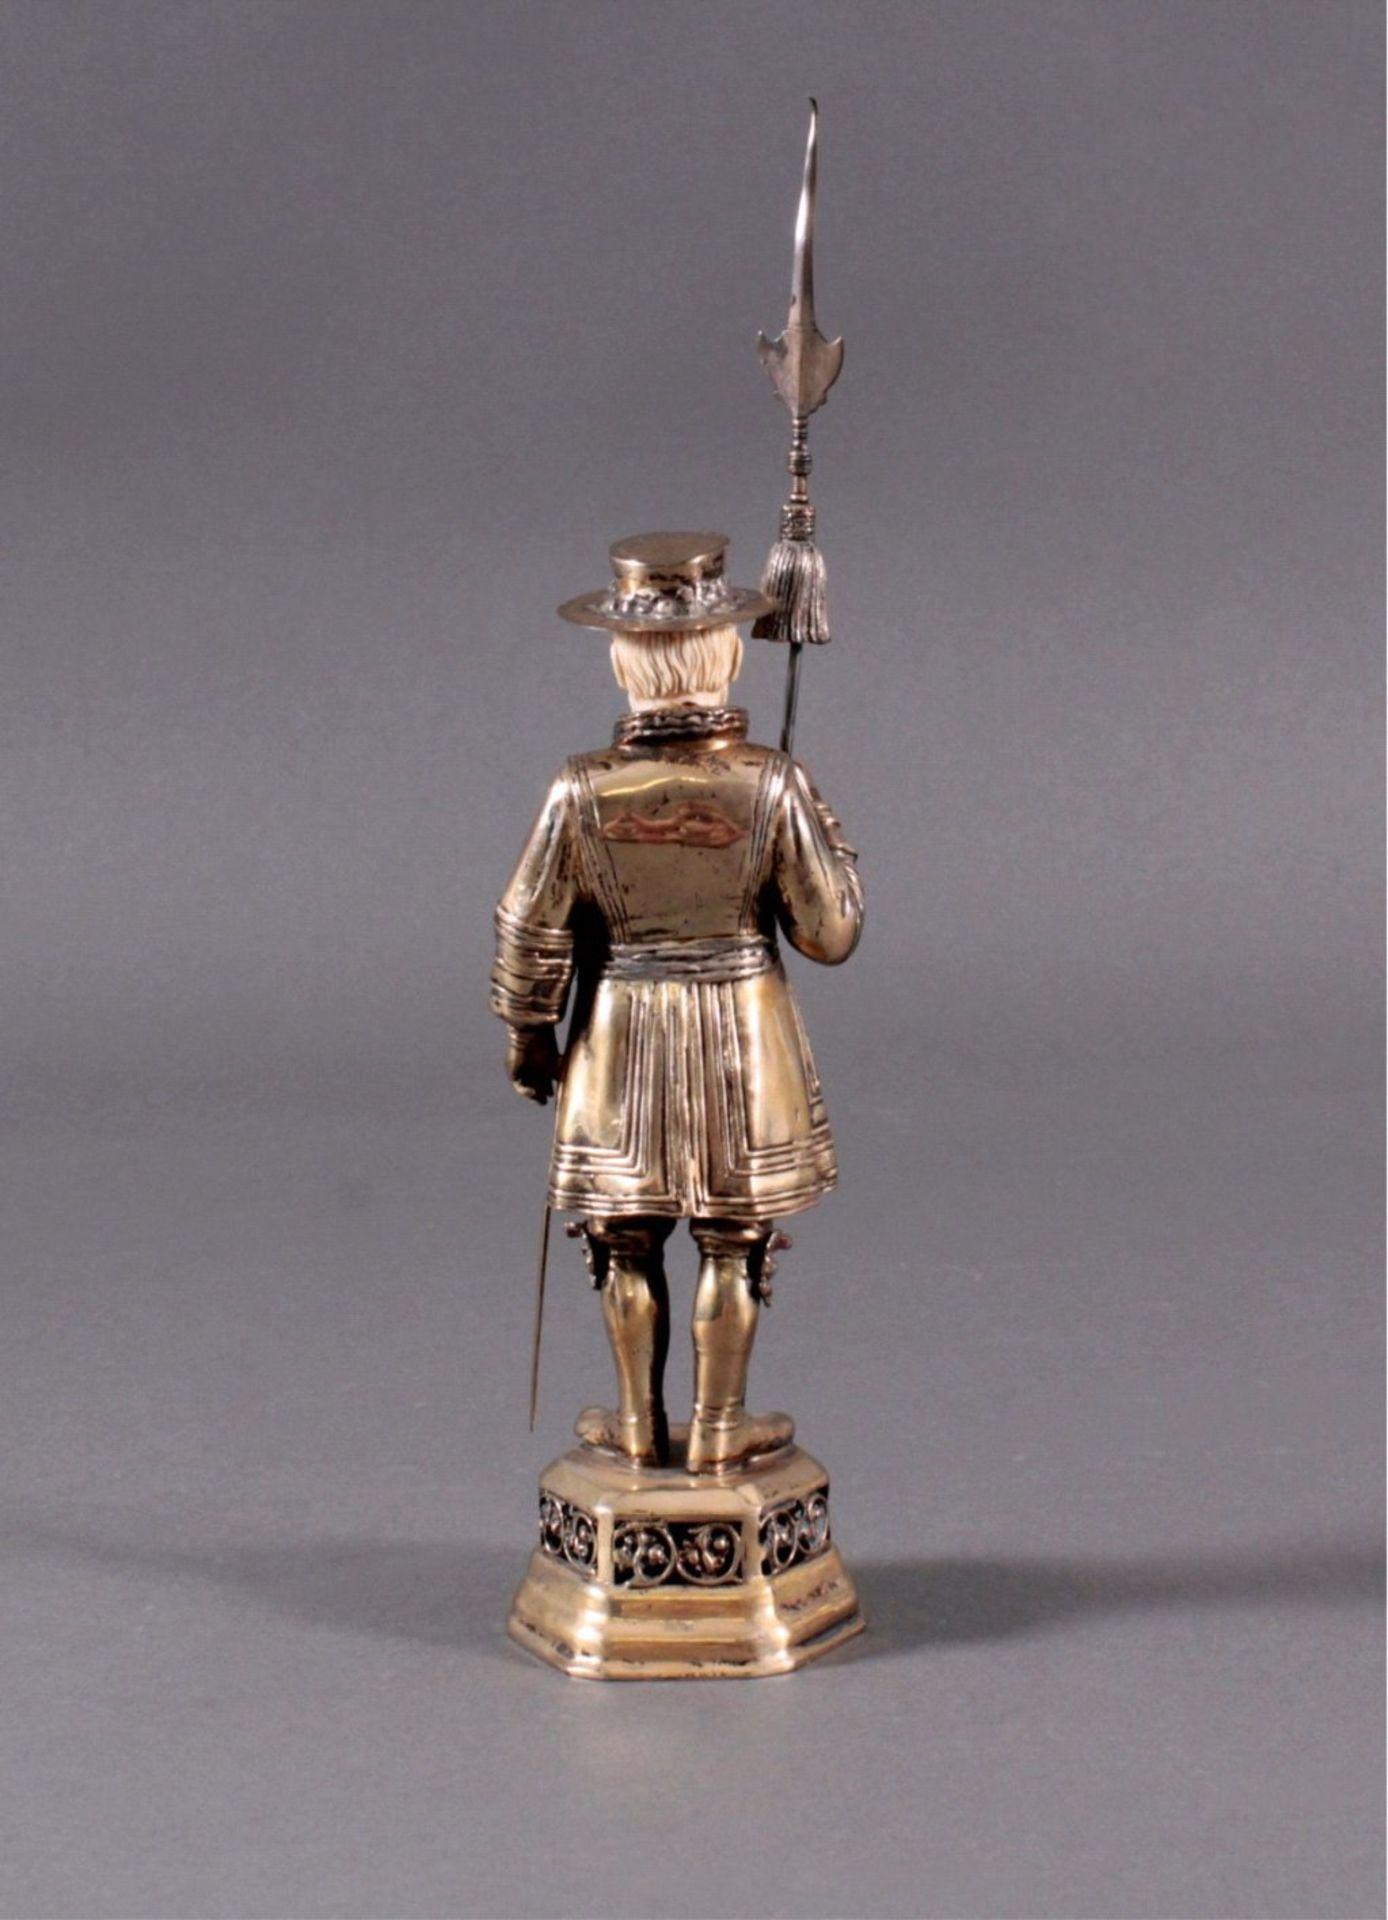 Historismus-Silber-Elfenbein-Figur925er, teilvergoldet/Elfenbein, um 1900 auf durchbrochenem, - Bild 4 aus 6